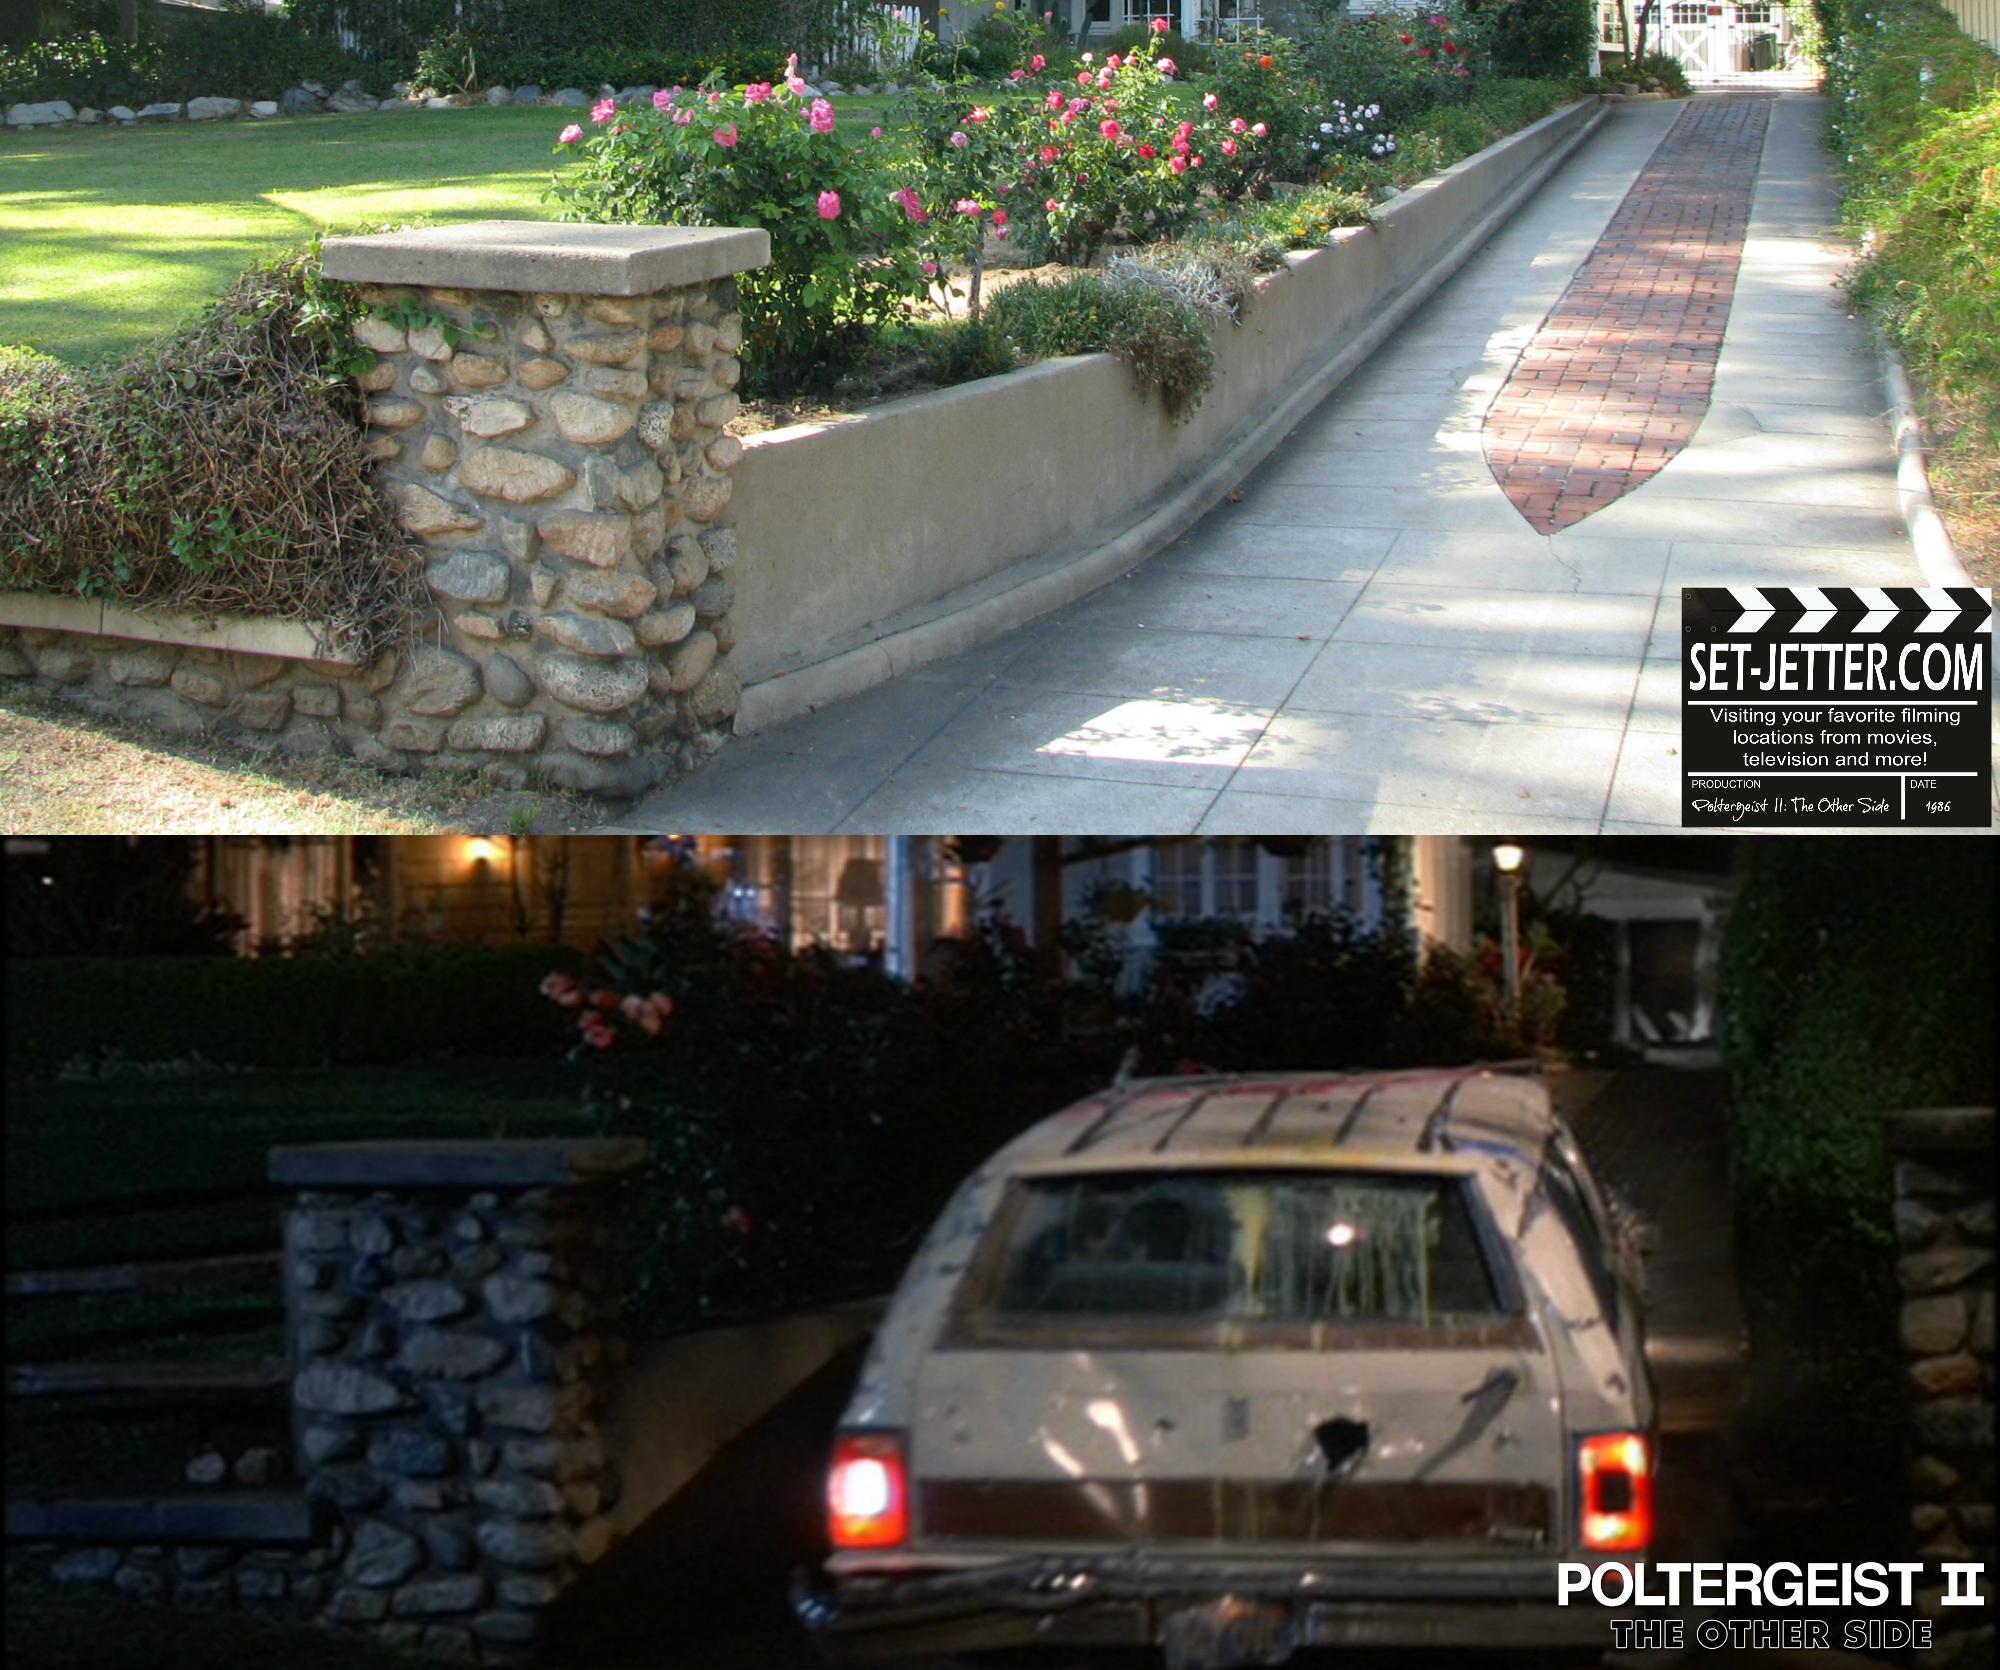 Poltergeist II comparison 55.jpg